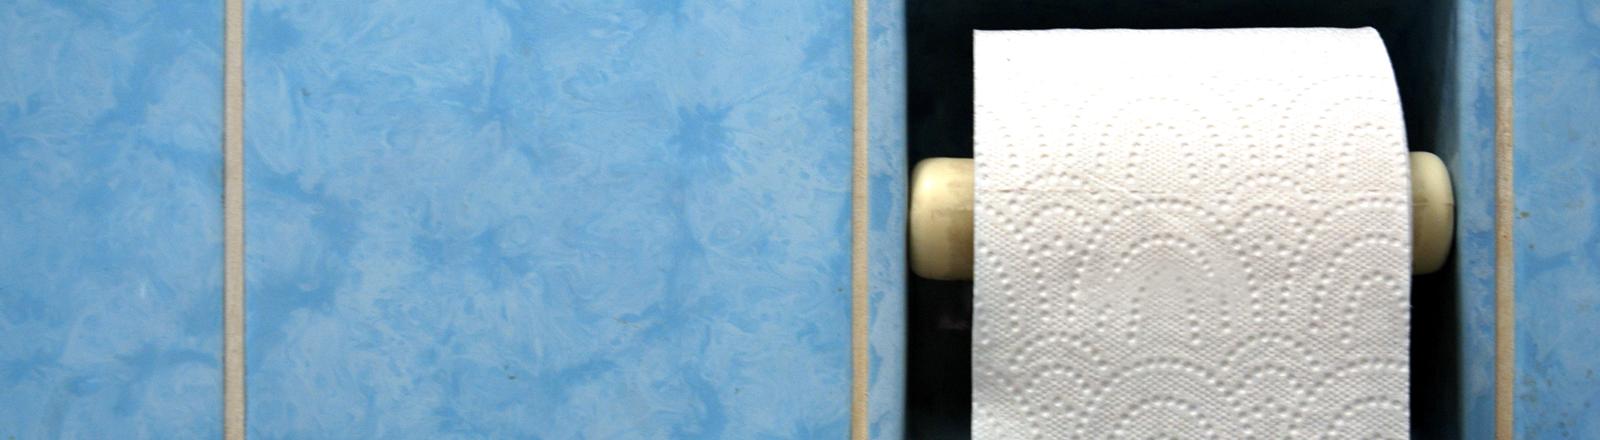 Eine Rolle Klopapier in einem Bad